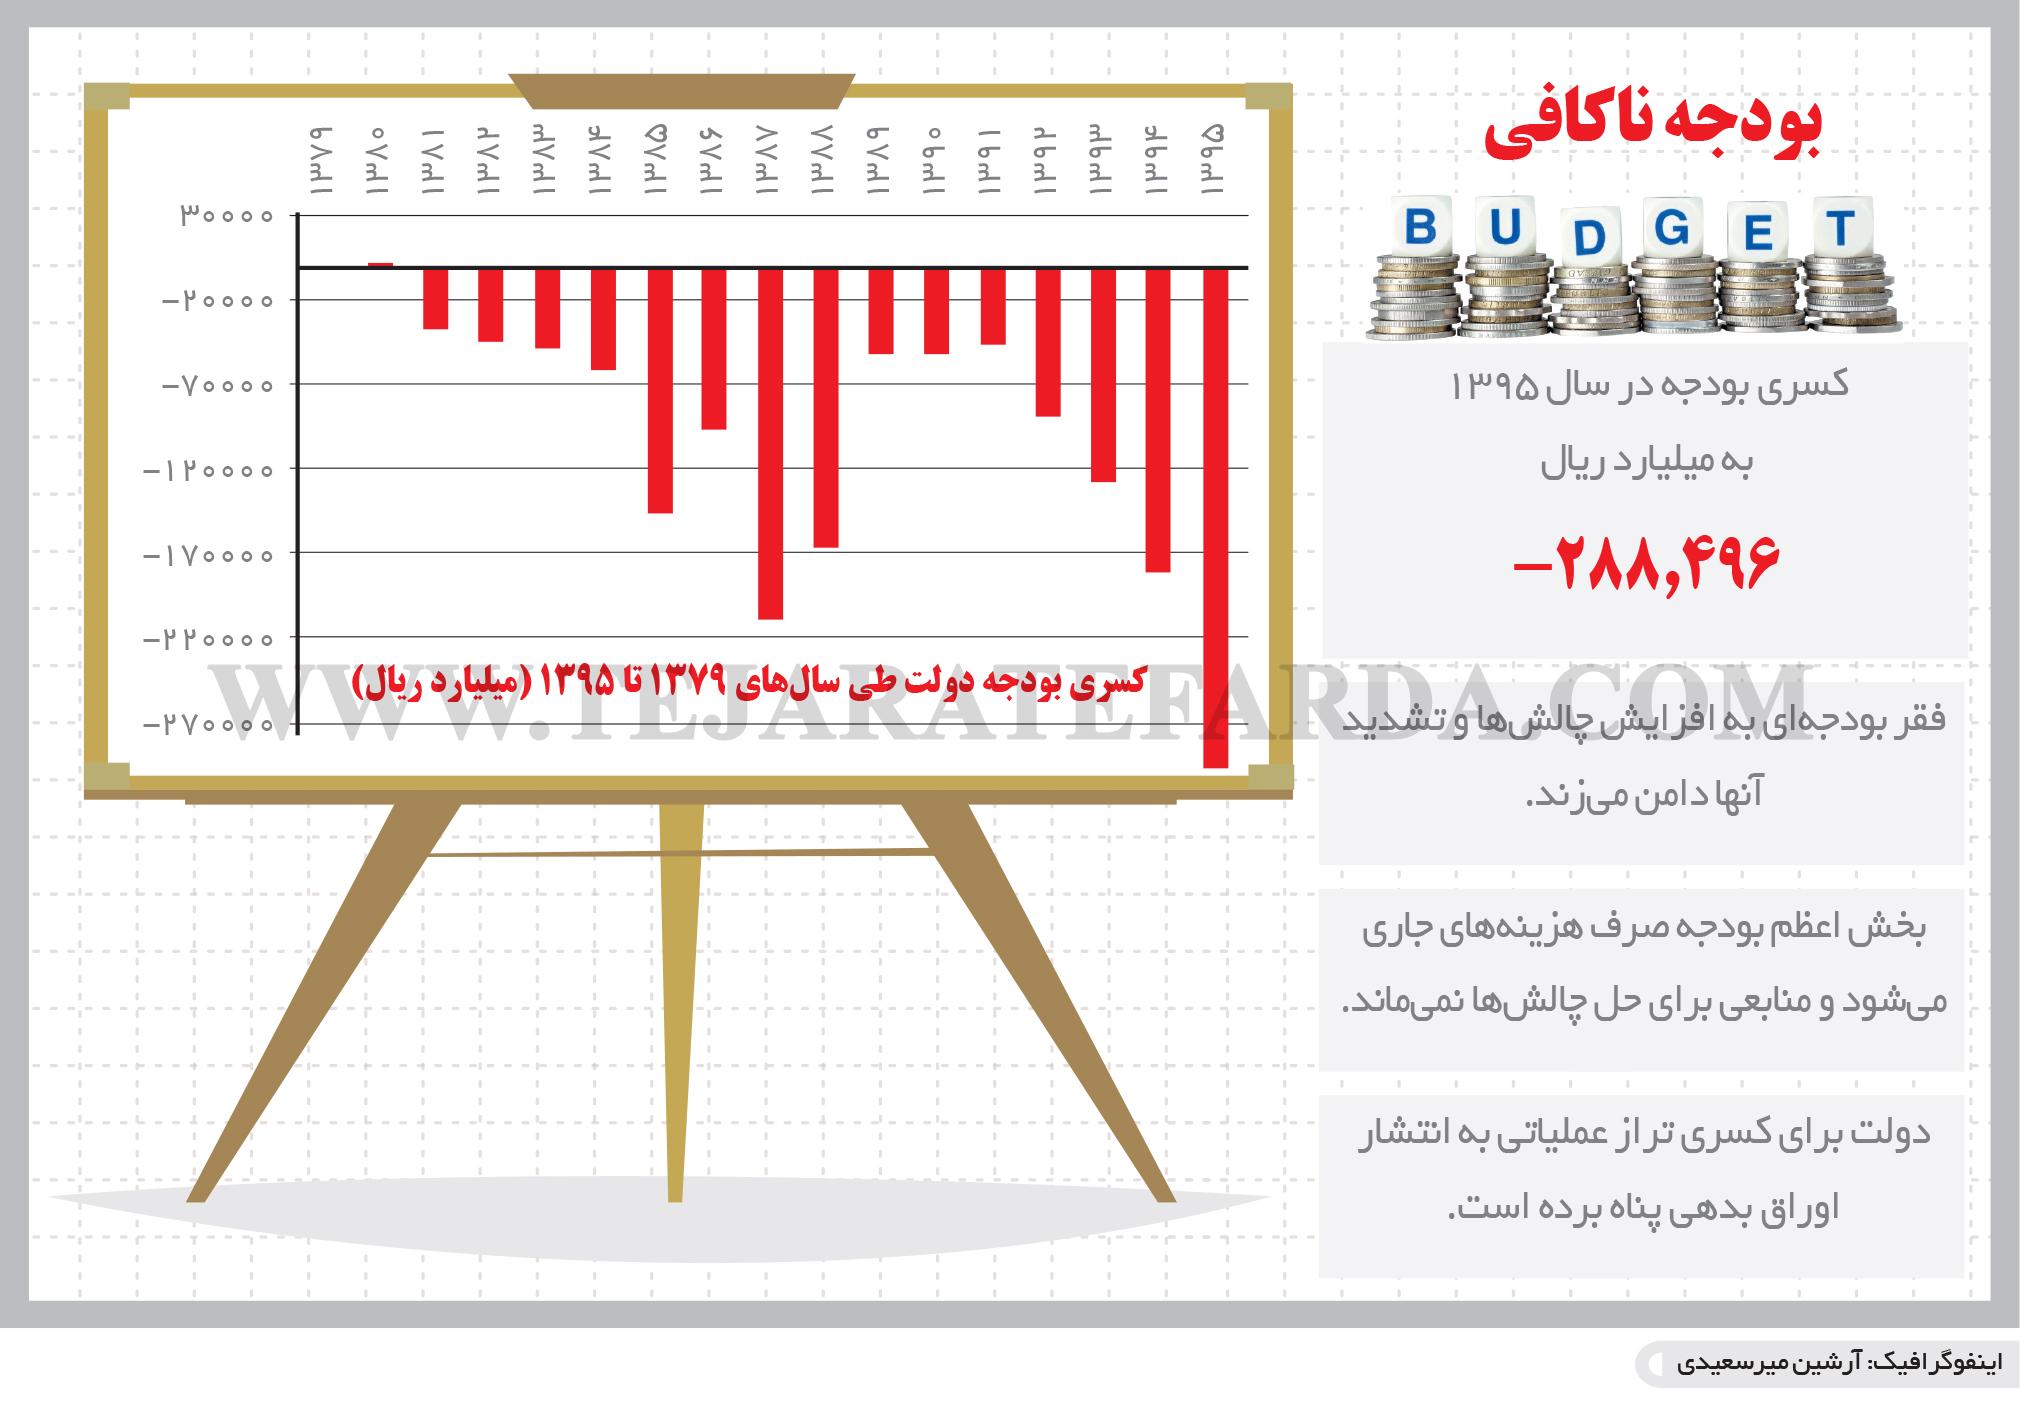 تجارت فردا- اینفوگرافیک- بودجه ناکافی